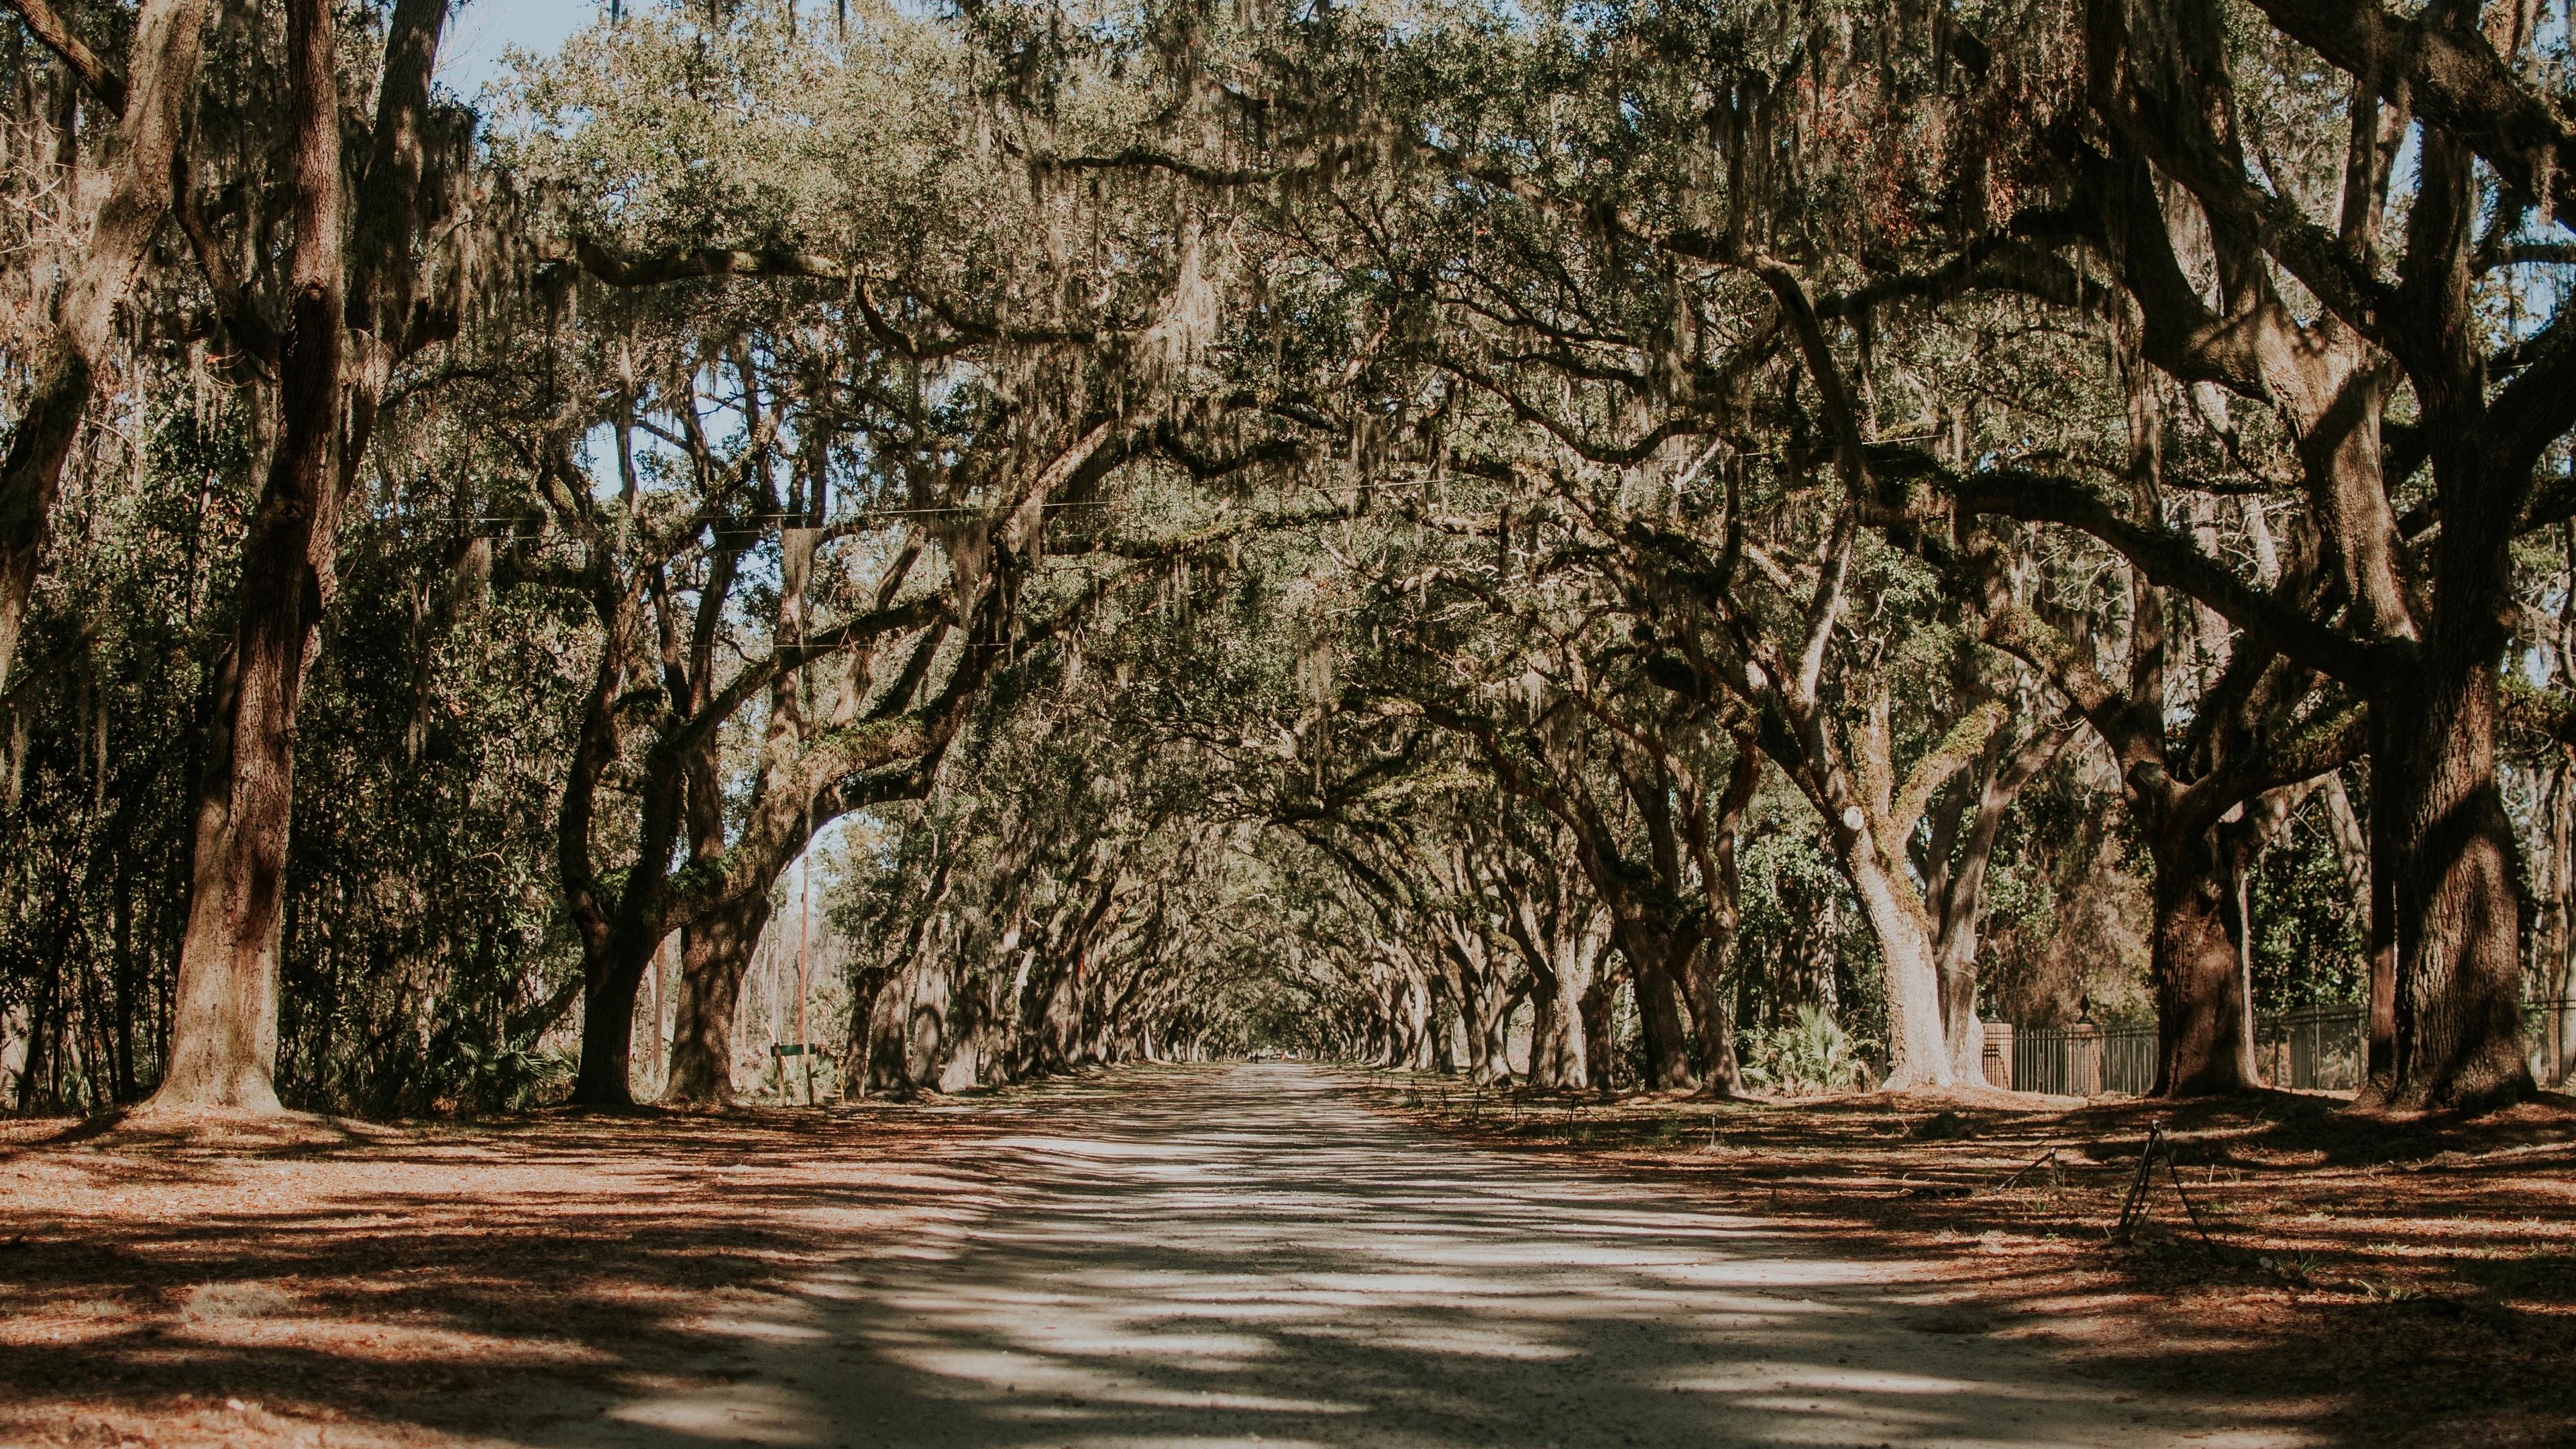 trees park shadow road 4k 1541116360 - trees, park, shadow, road 4k - Trees, Shadow, Park